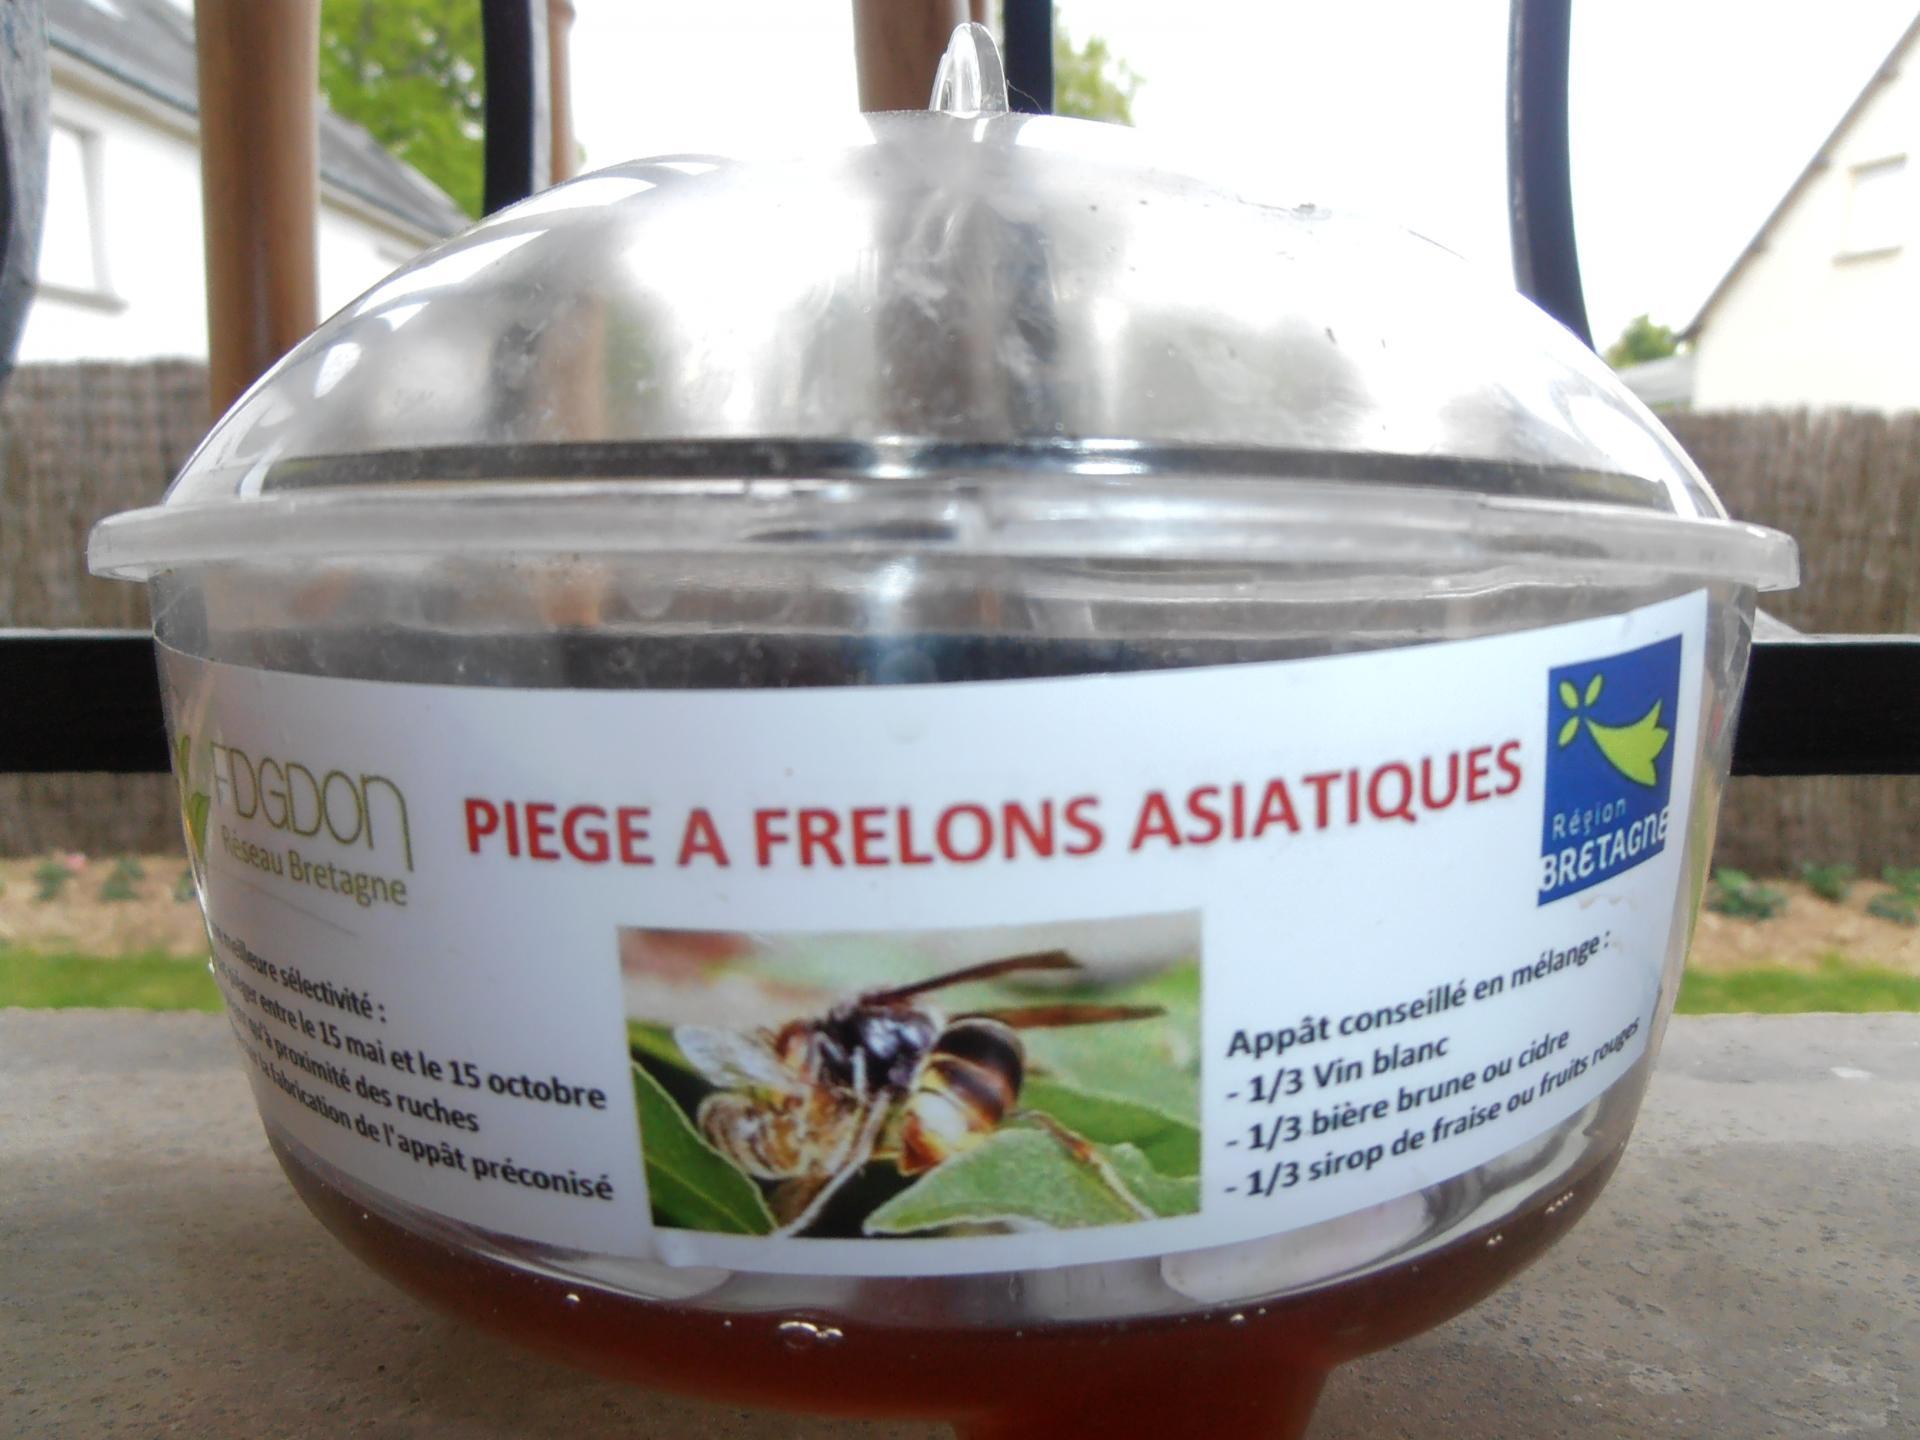 Le pi geage des reines frelon asiatique - Piege a frelon ...